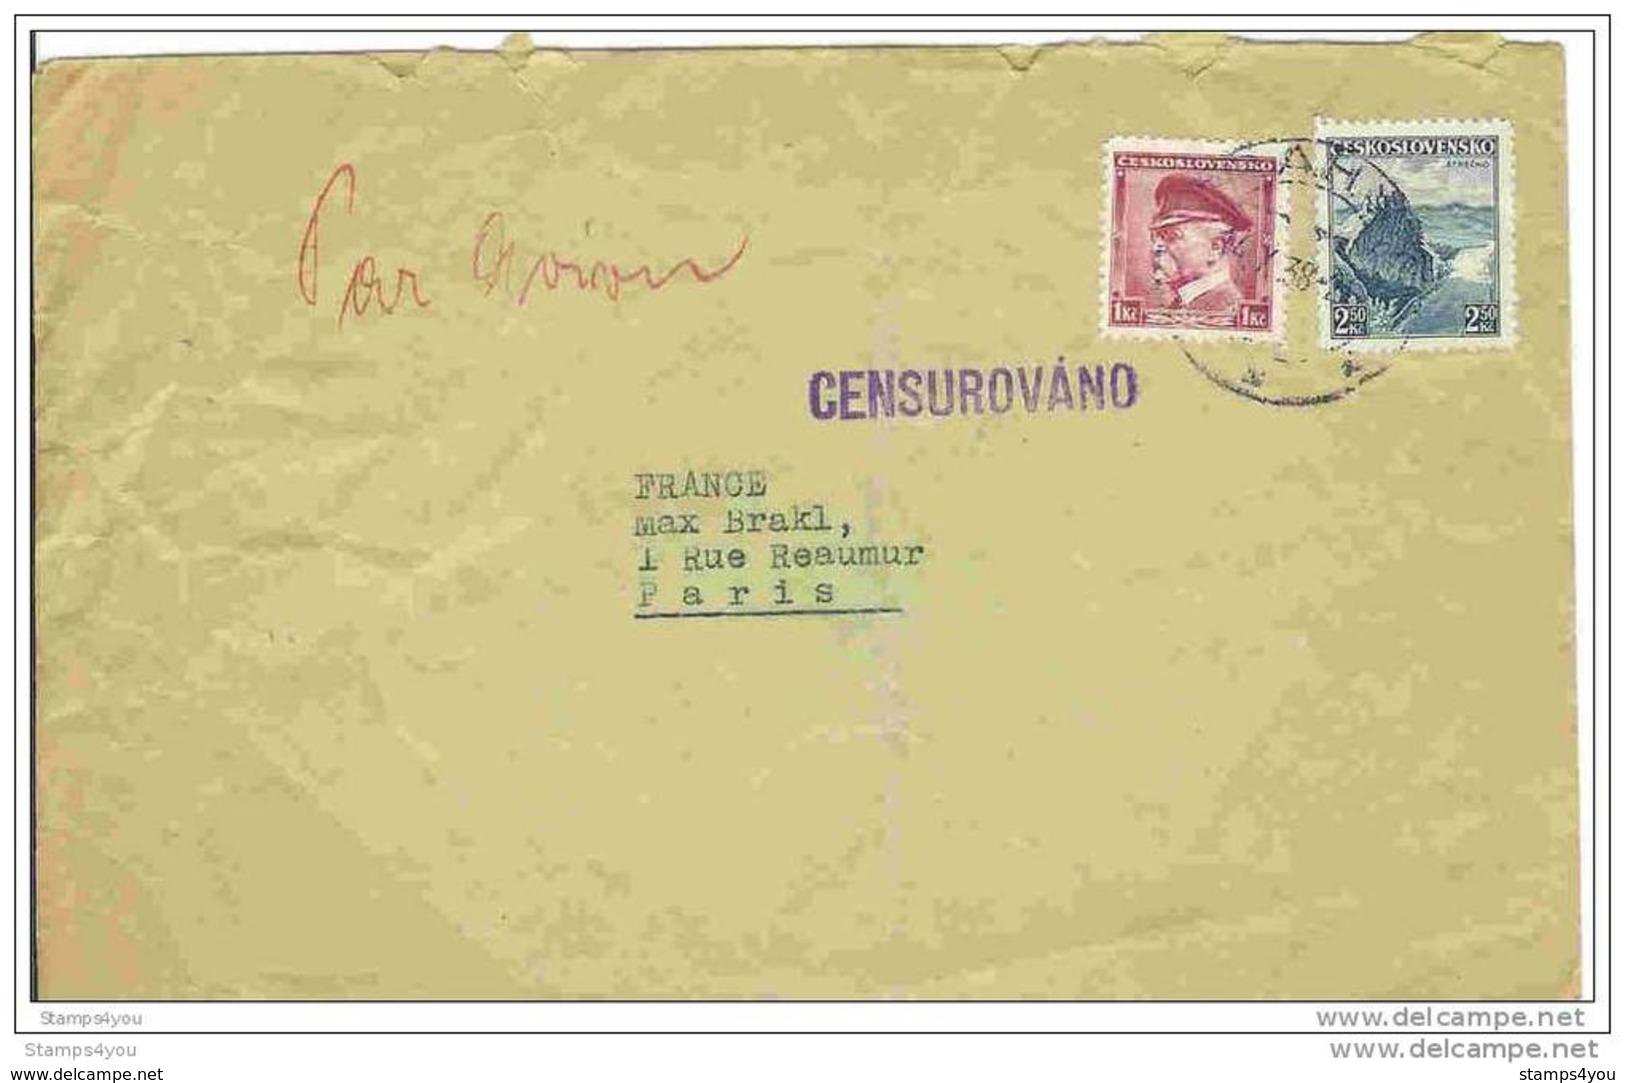 """EU - 2789 - Lettre Envoyée De Prague à Paris 1938 - Cachet Linéaire """"Censurovano"""" - Covers & Documents"""